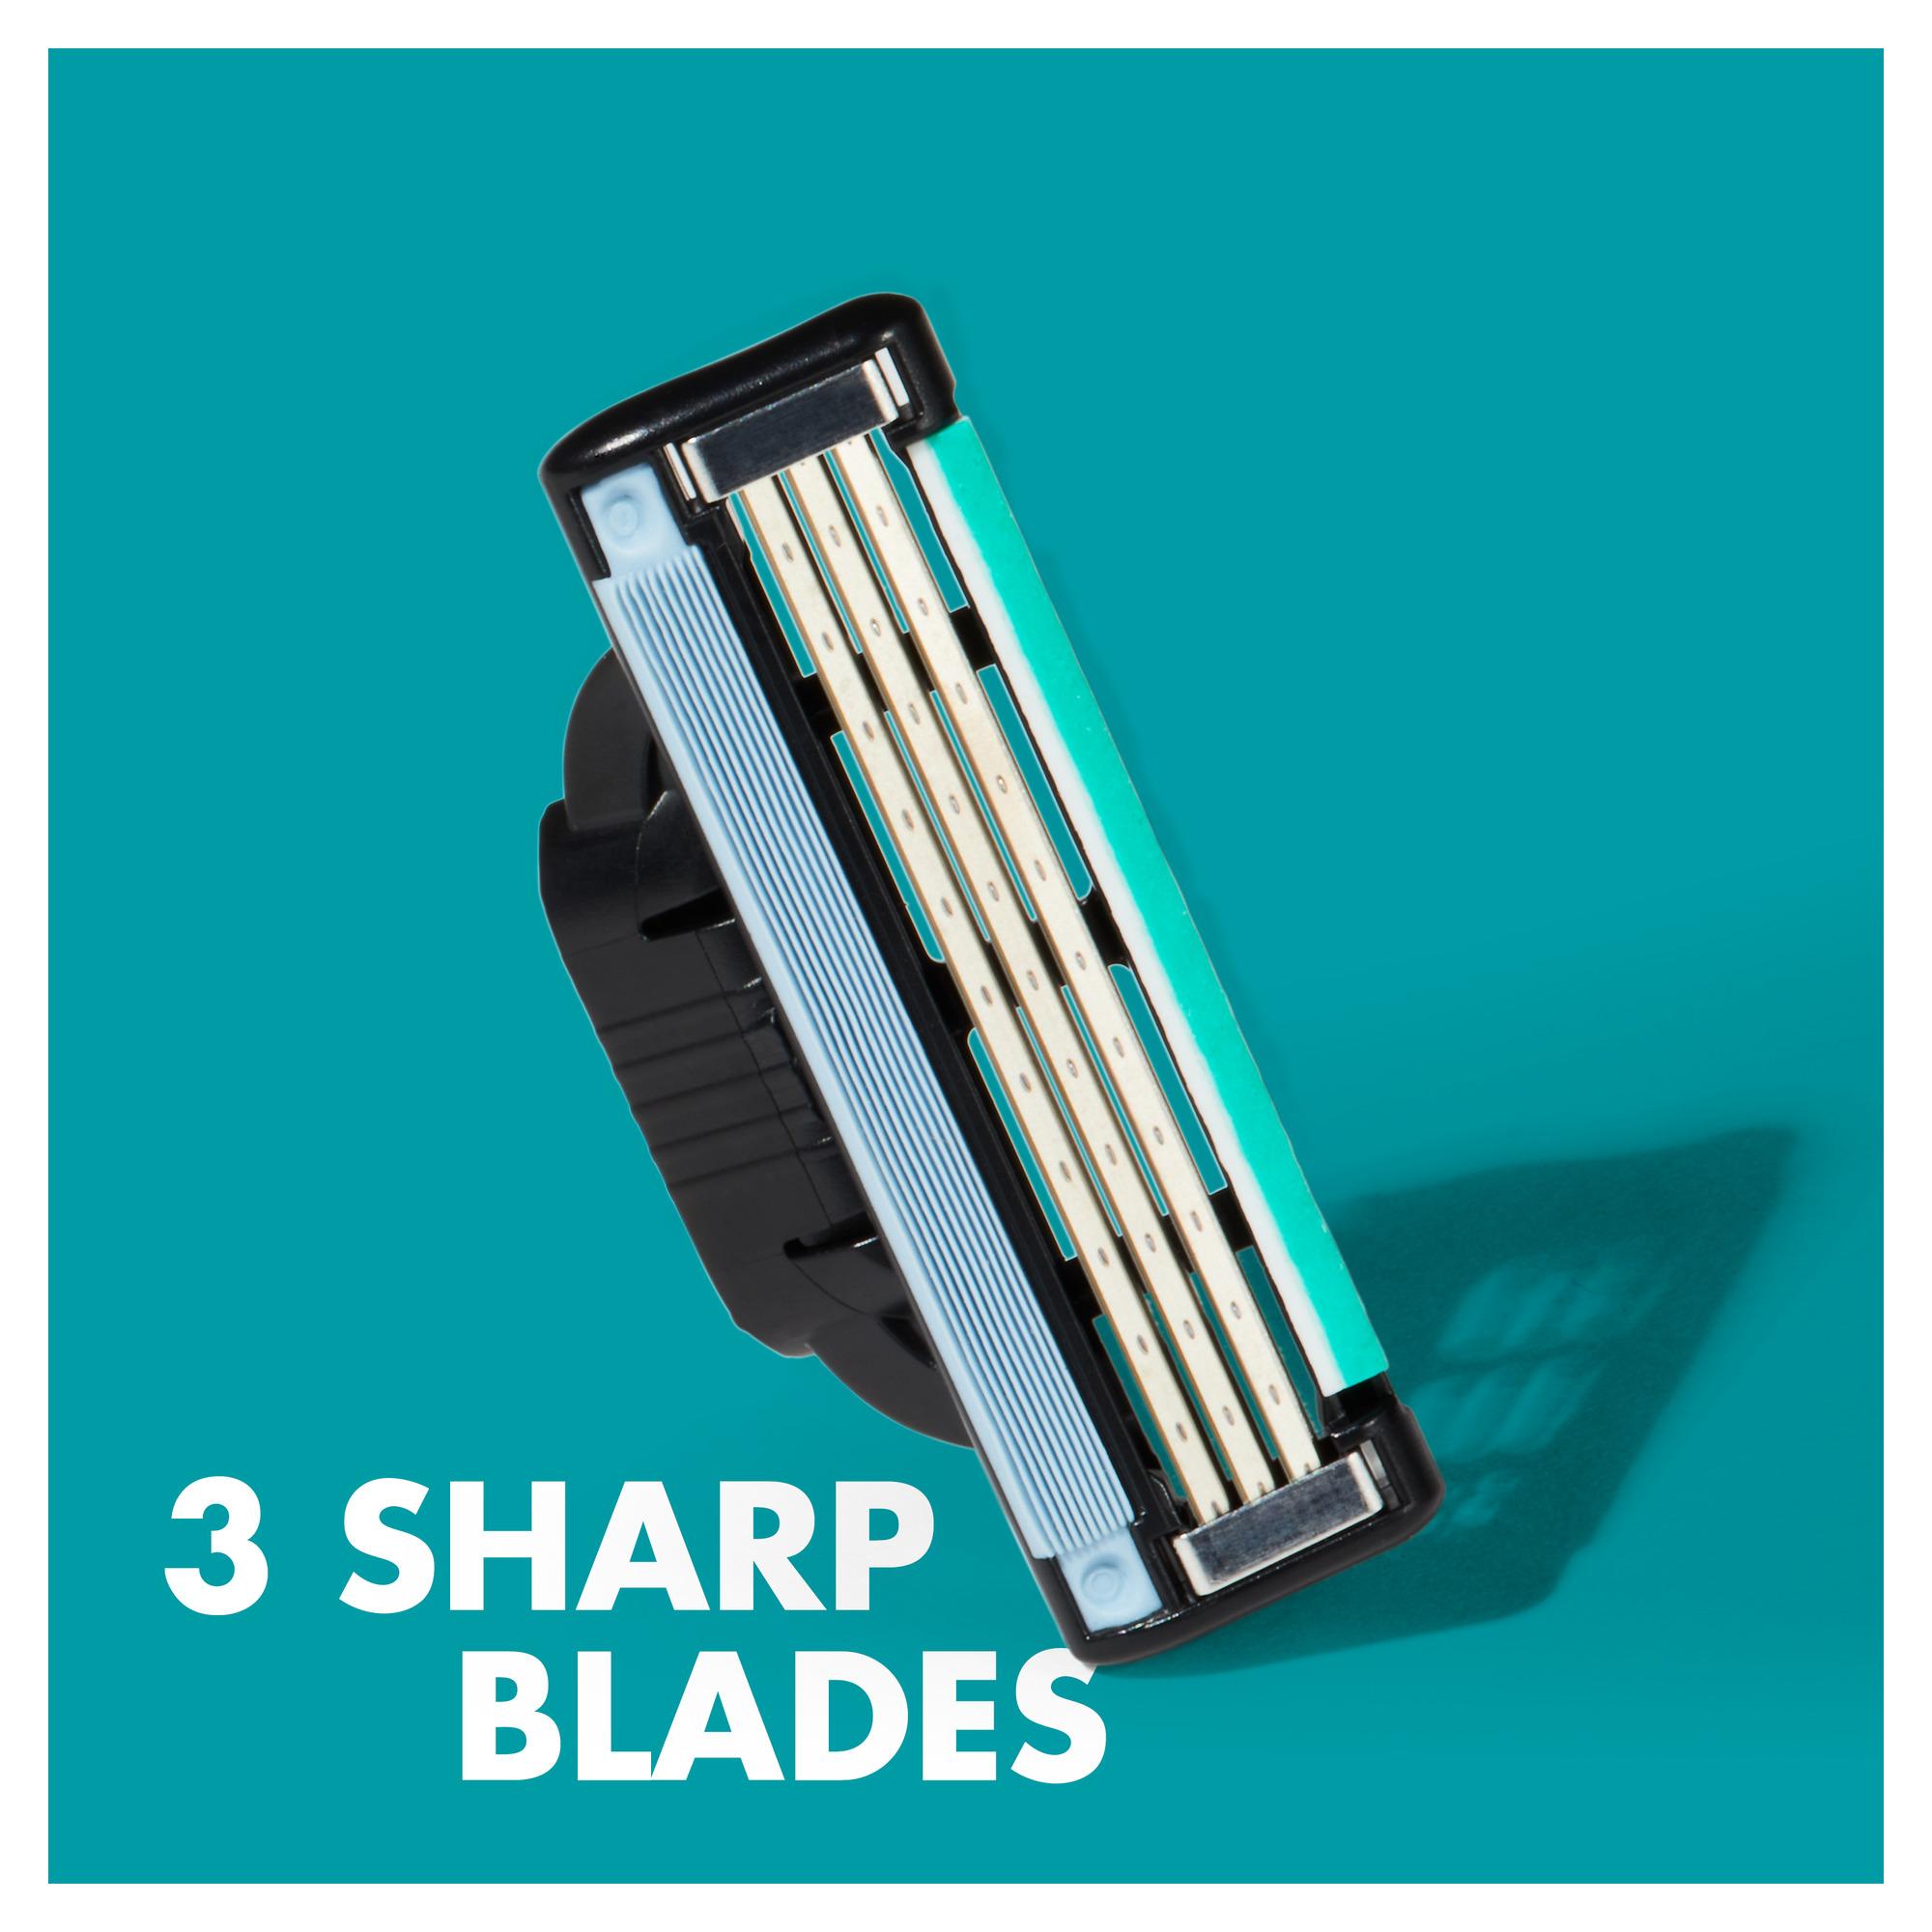 3 Sharp blades